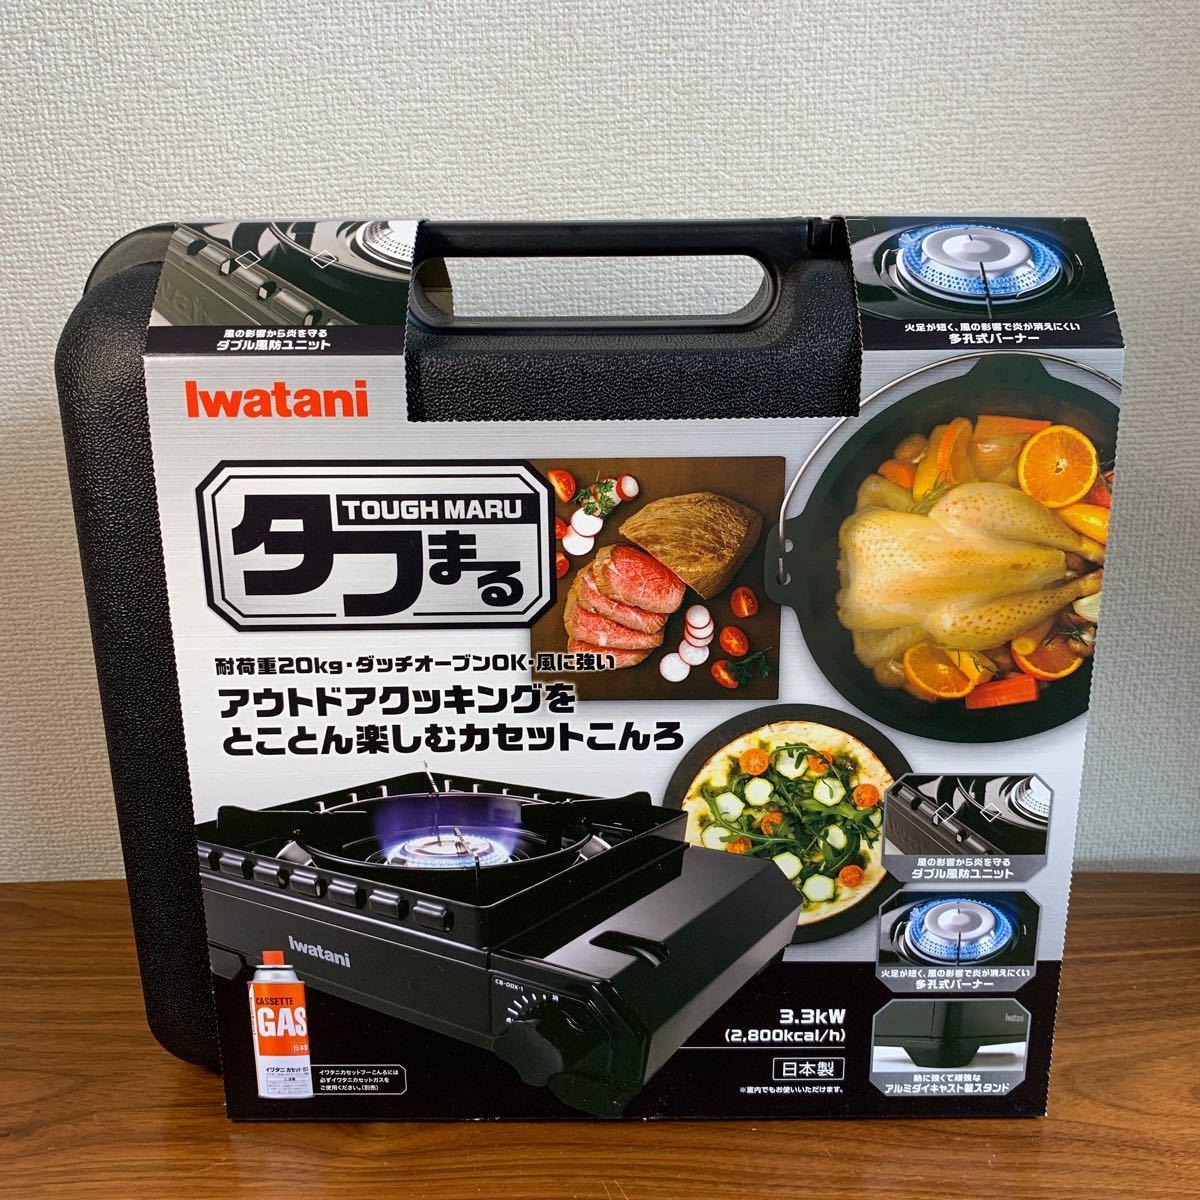 タフまる イワタニ CB-ODX-1 カセットフー イワタニカセットガス Iwatani イワタニカセットフー